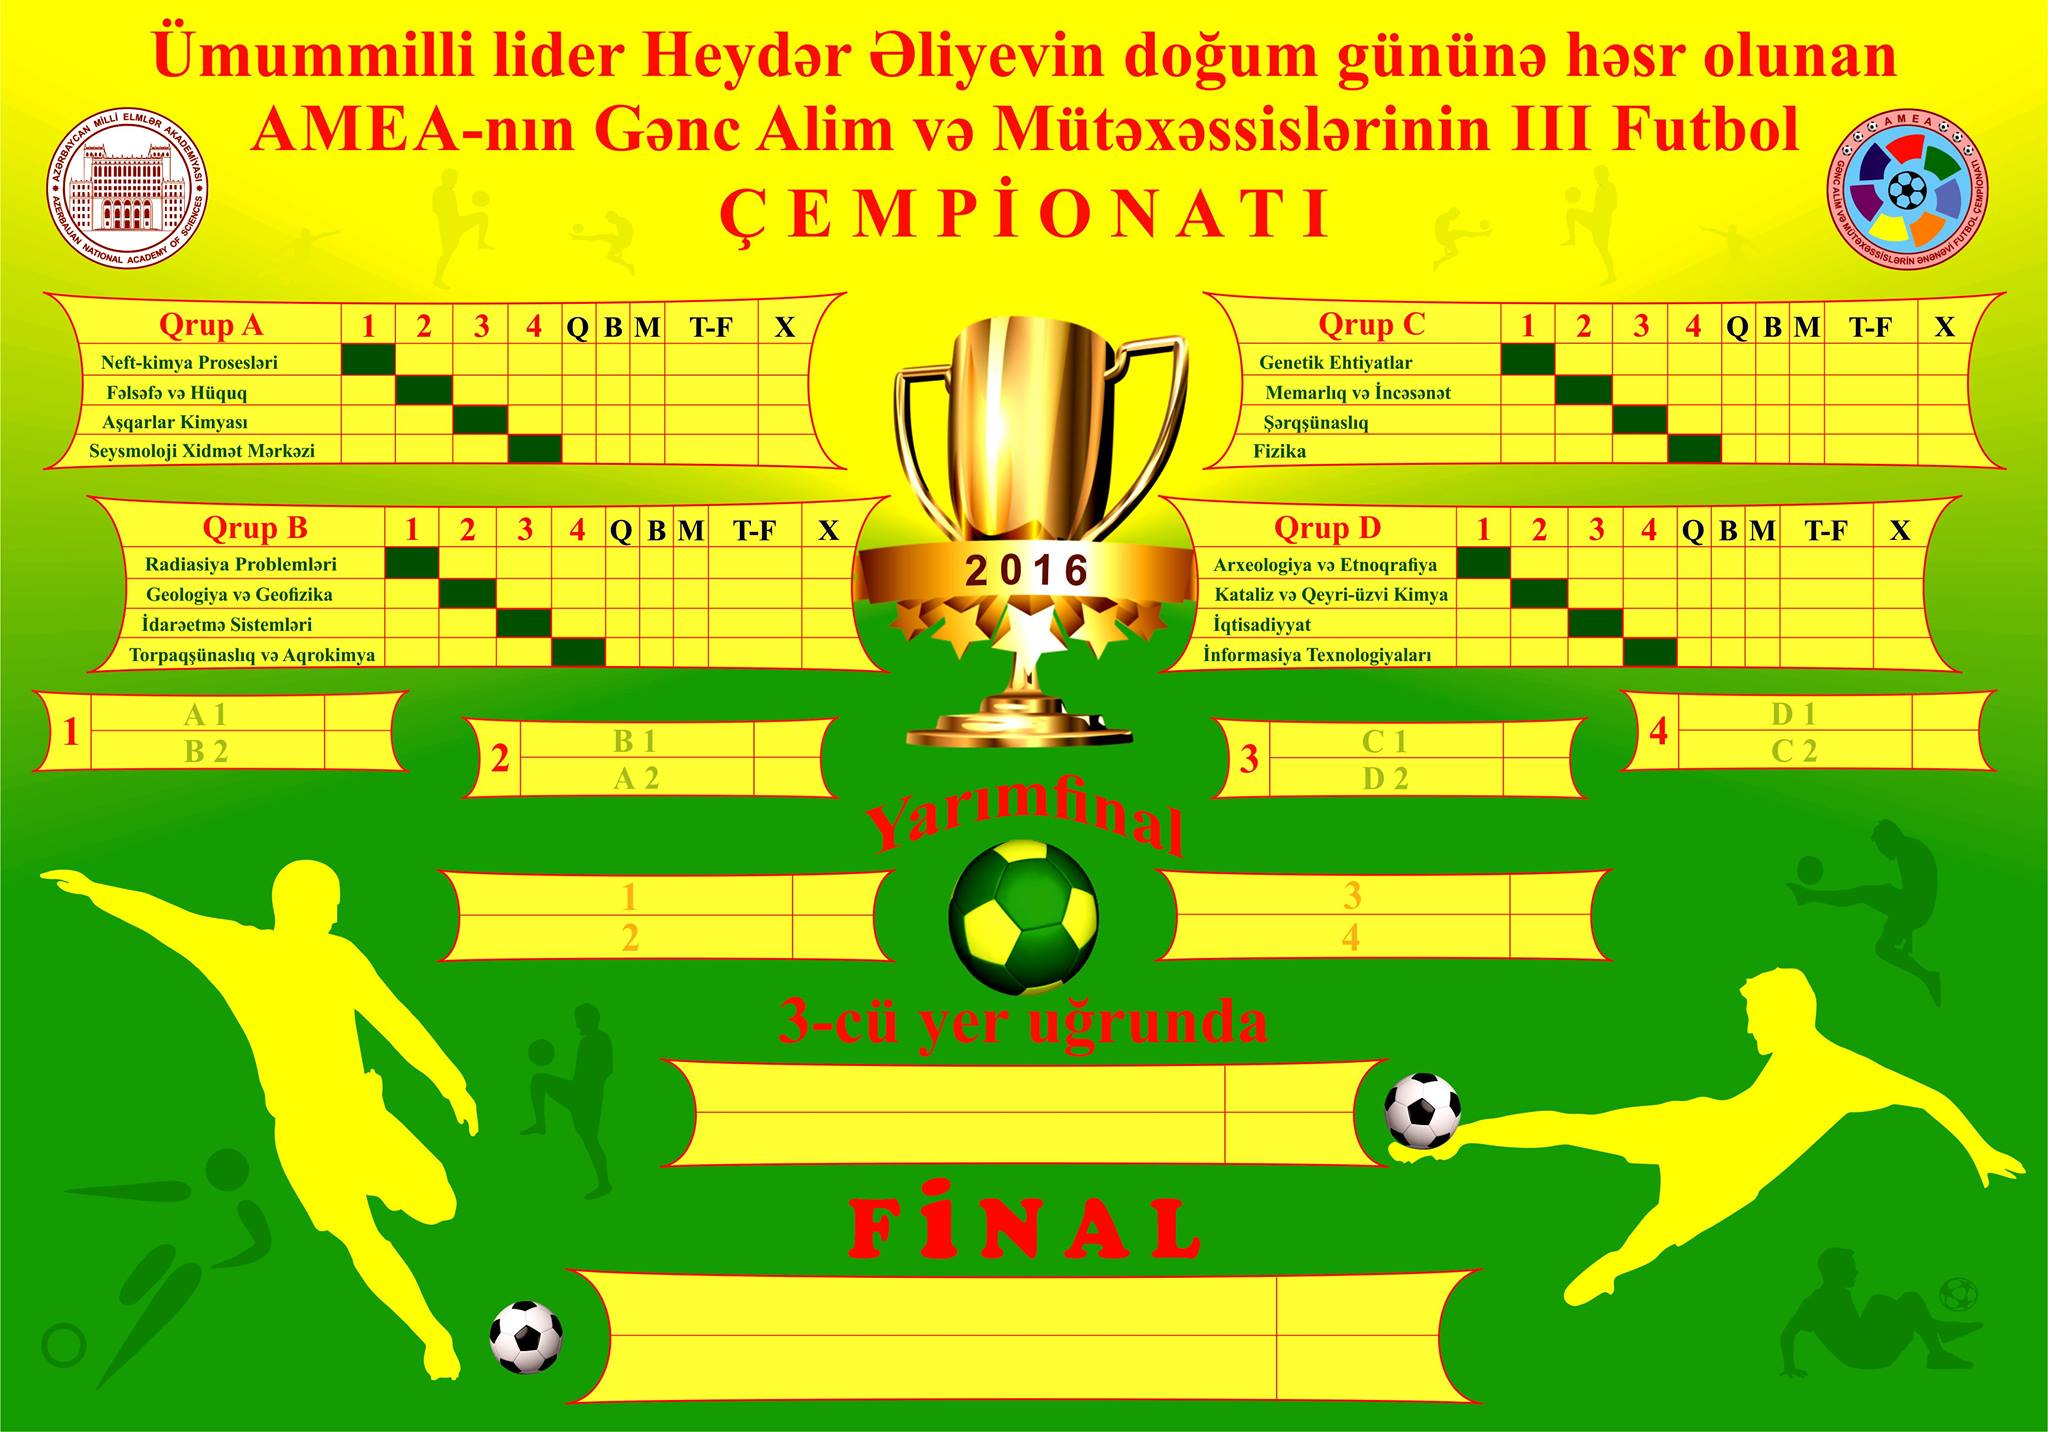 Gənc Alim və Mütəxəssislərin III Futbol Çempionatında qrup oyunları davam edir